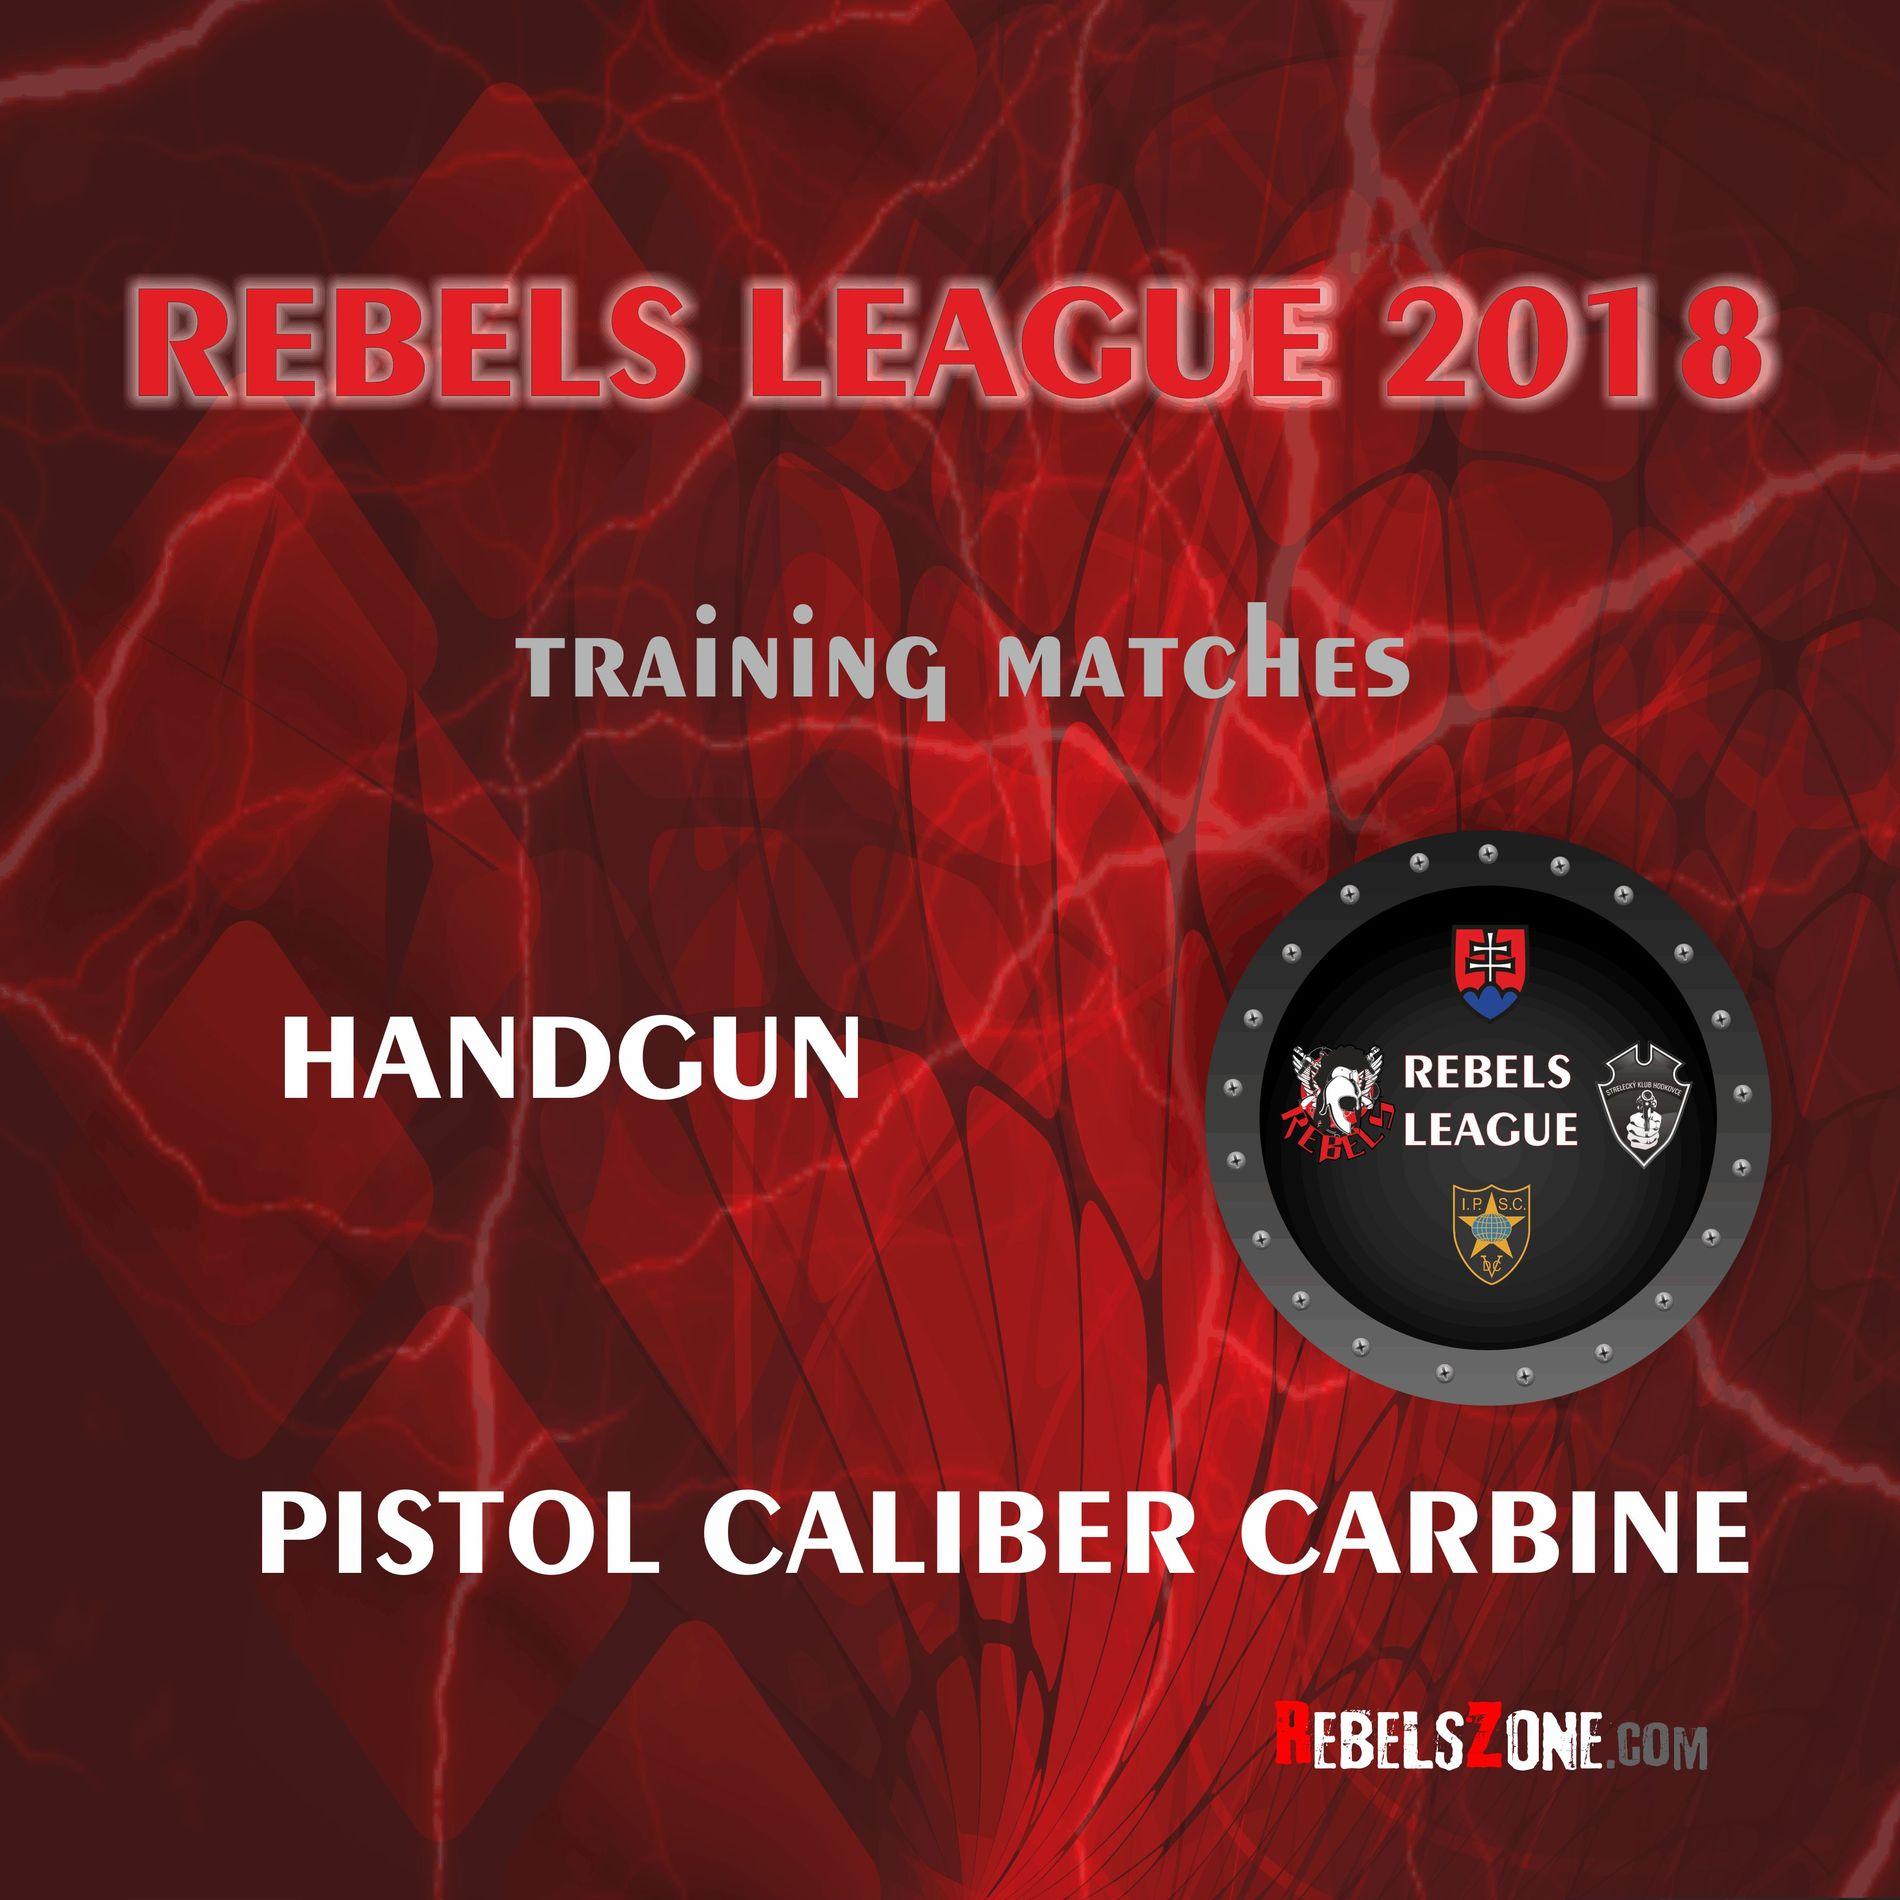 Rebels League 2018